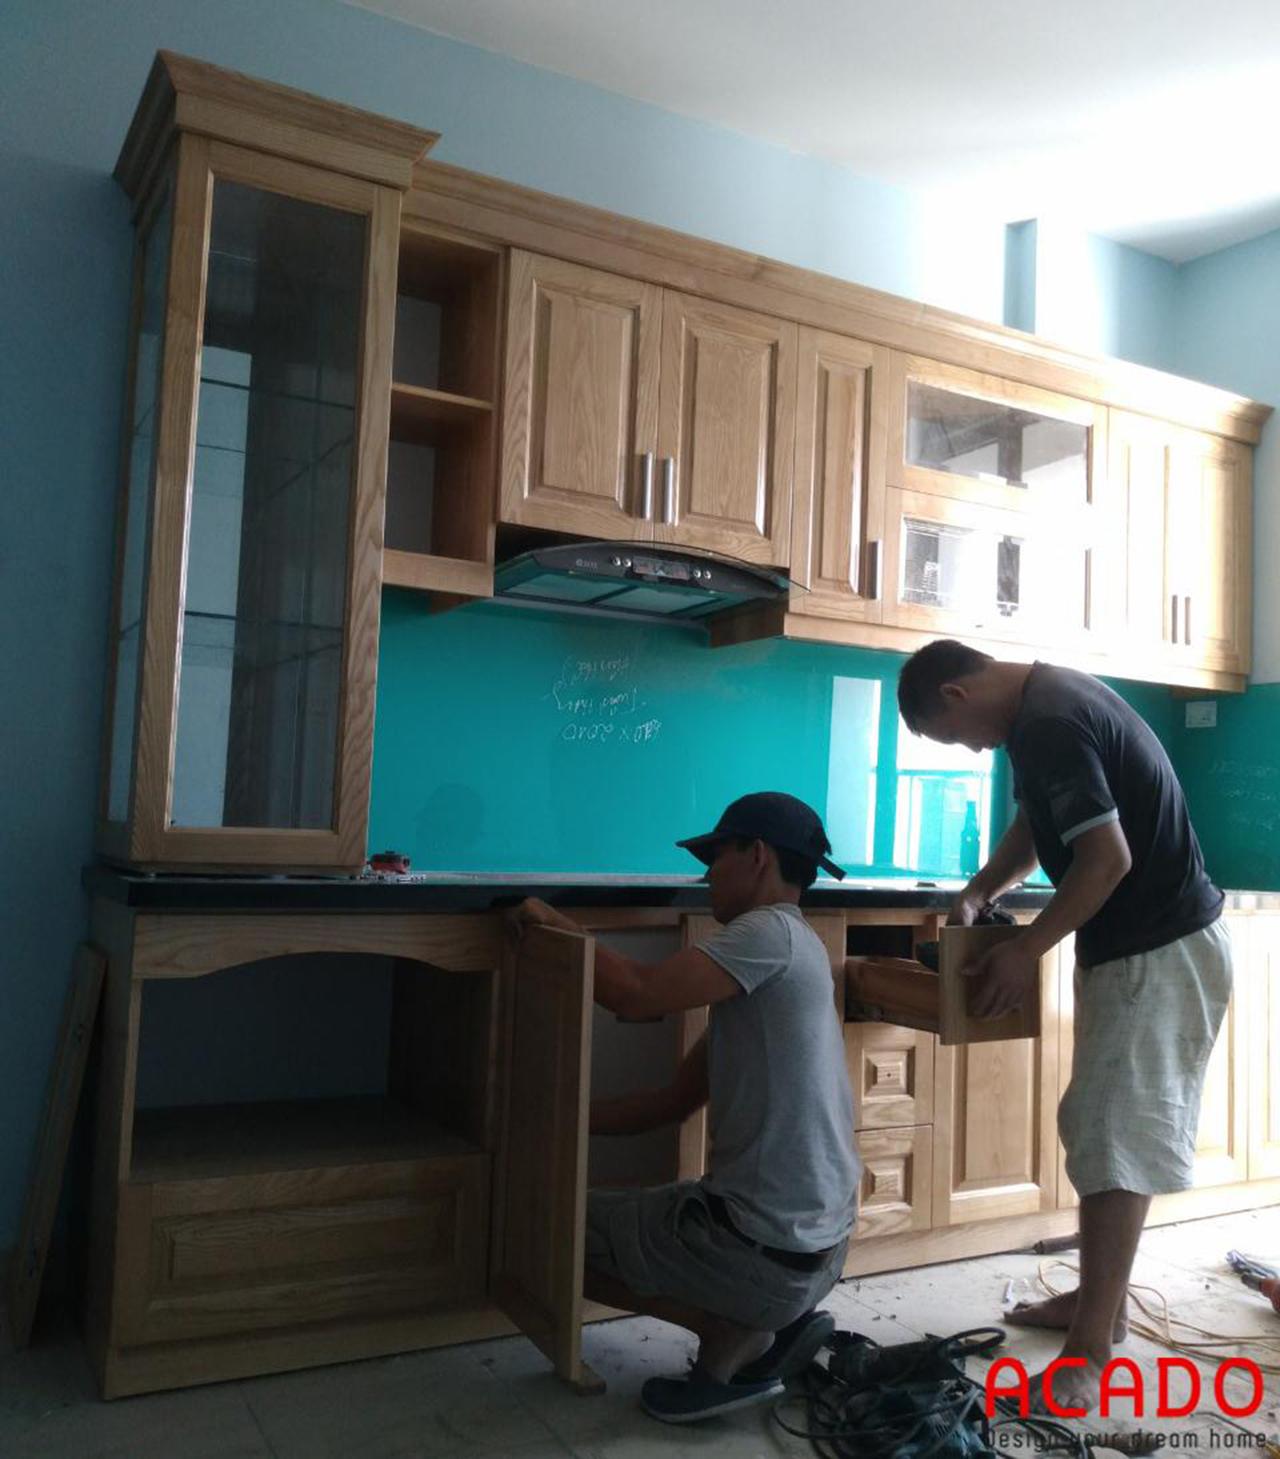 Thợ thi công ACADO đang tiến hành thi công lắp đặt tủ bếp cho khách hàng